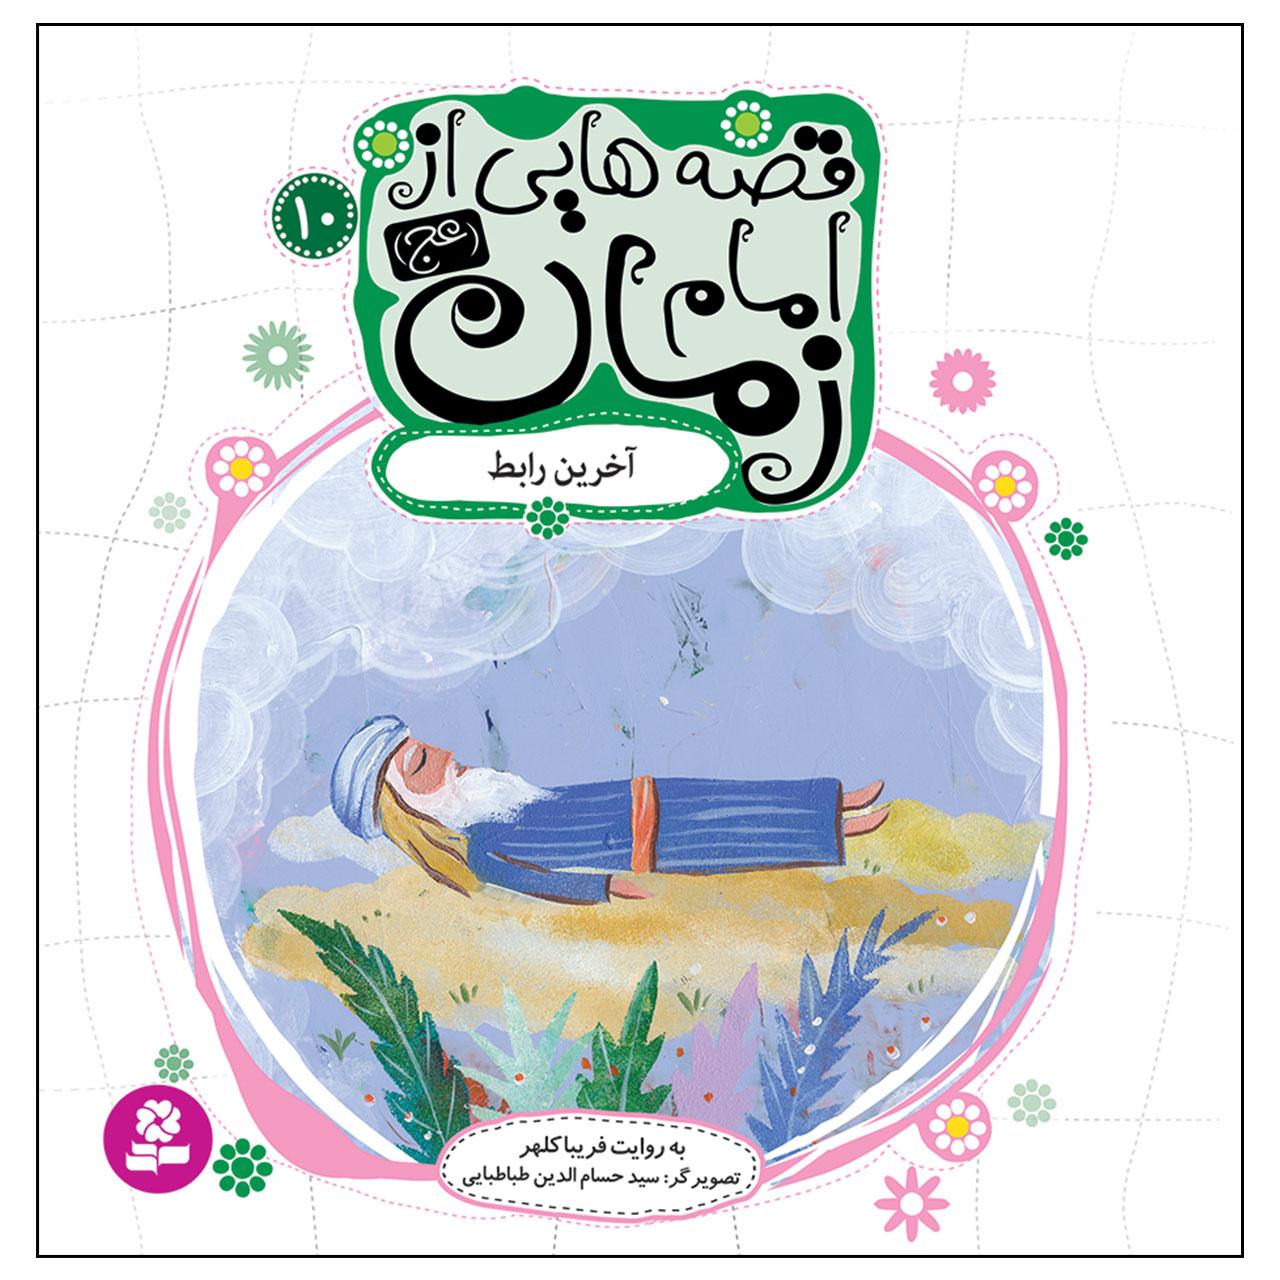 خرید                      کتاب قصه هایی از امام زمان (عج) 10 آخرین رابط اثر فریبا کلهر انتشارات قدیانی